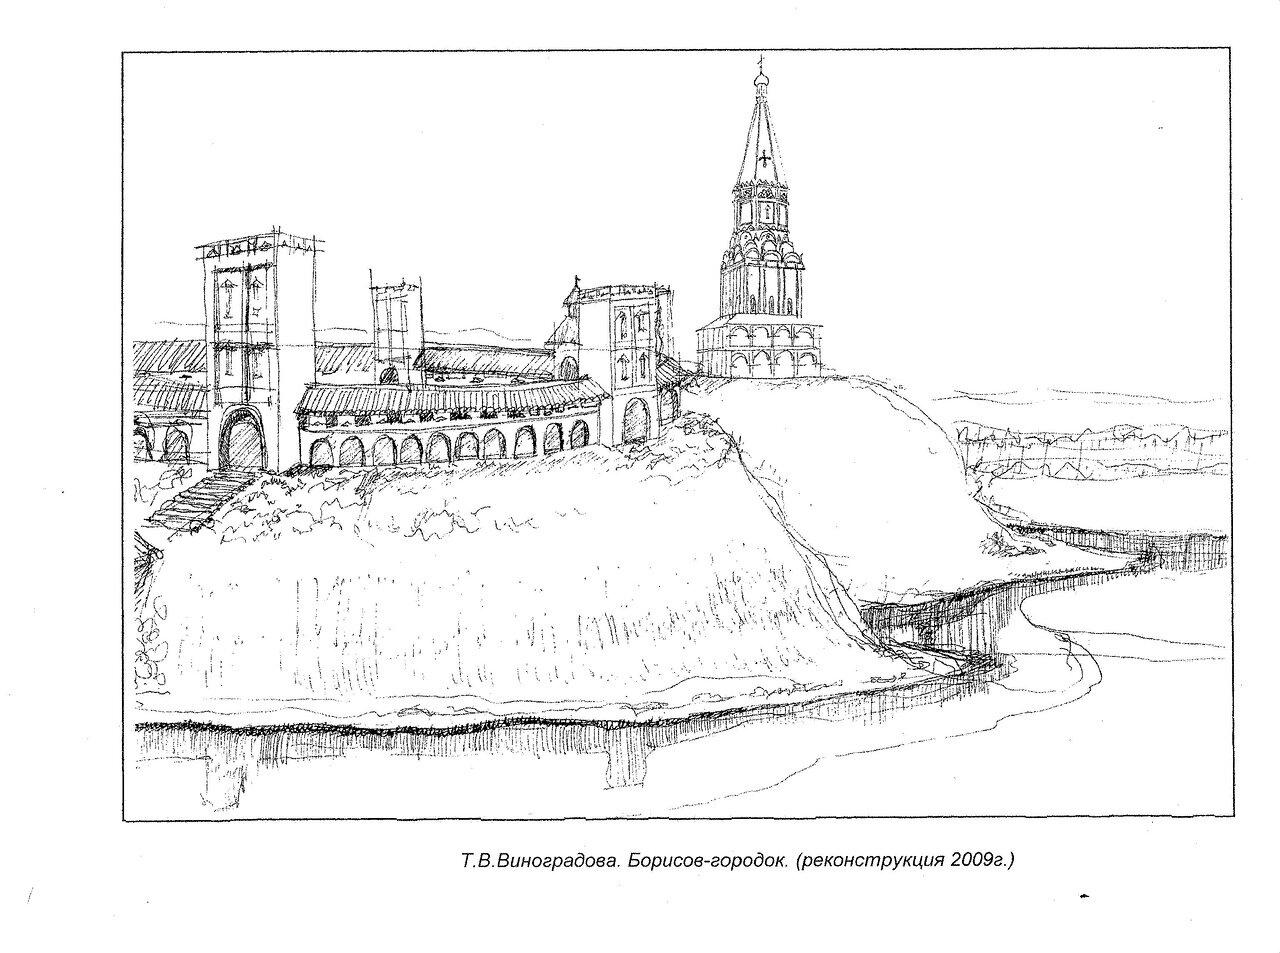 Крепости Построенные При Борисе Годунове На Карте